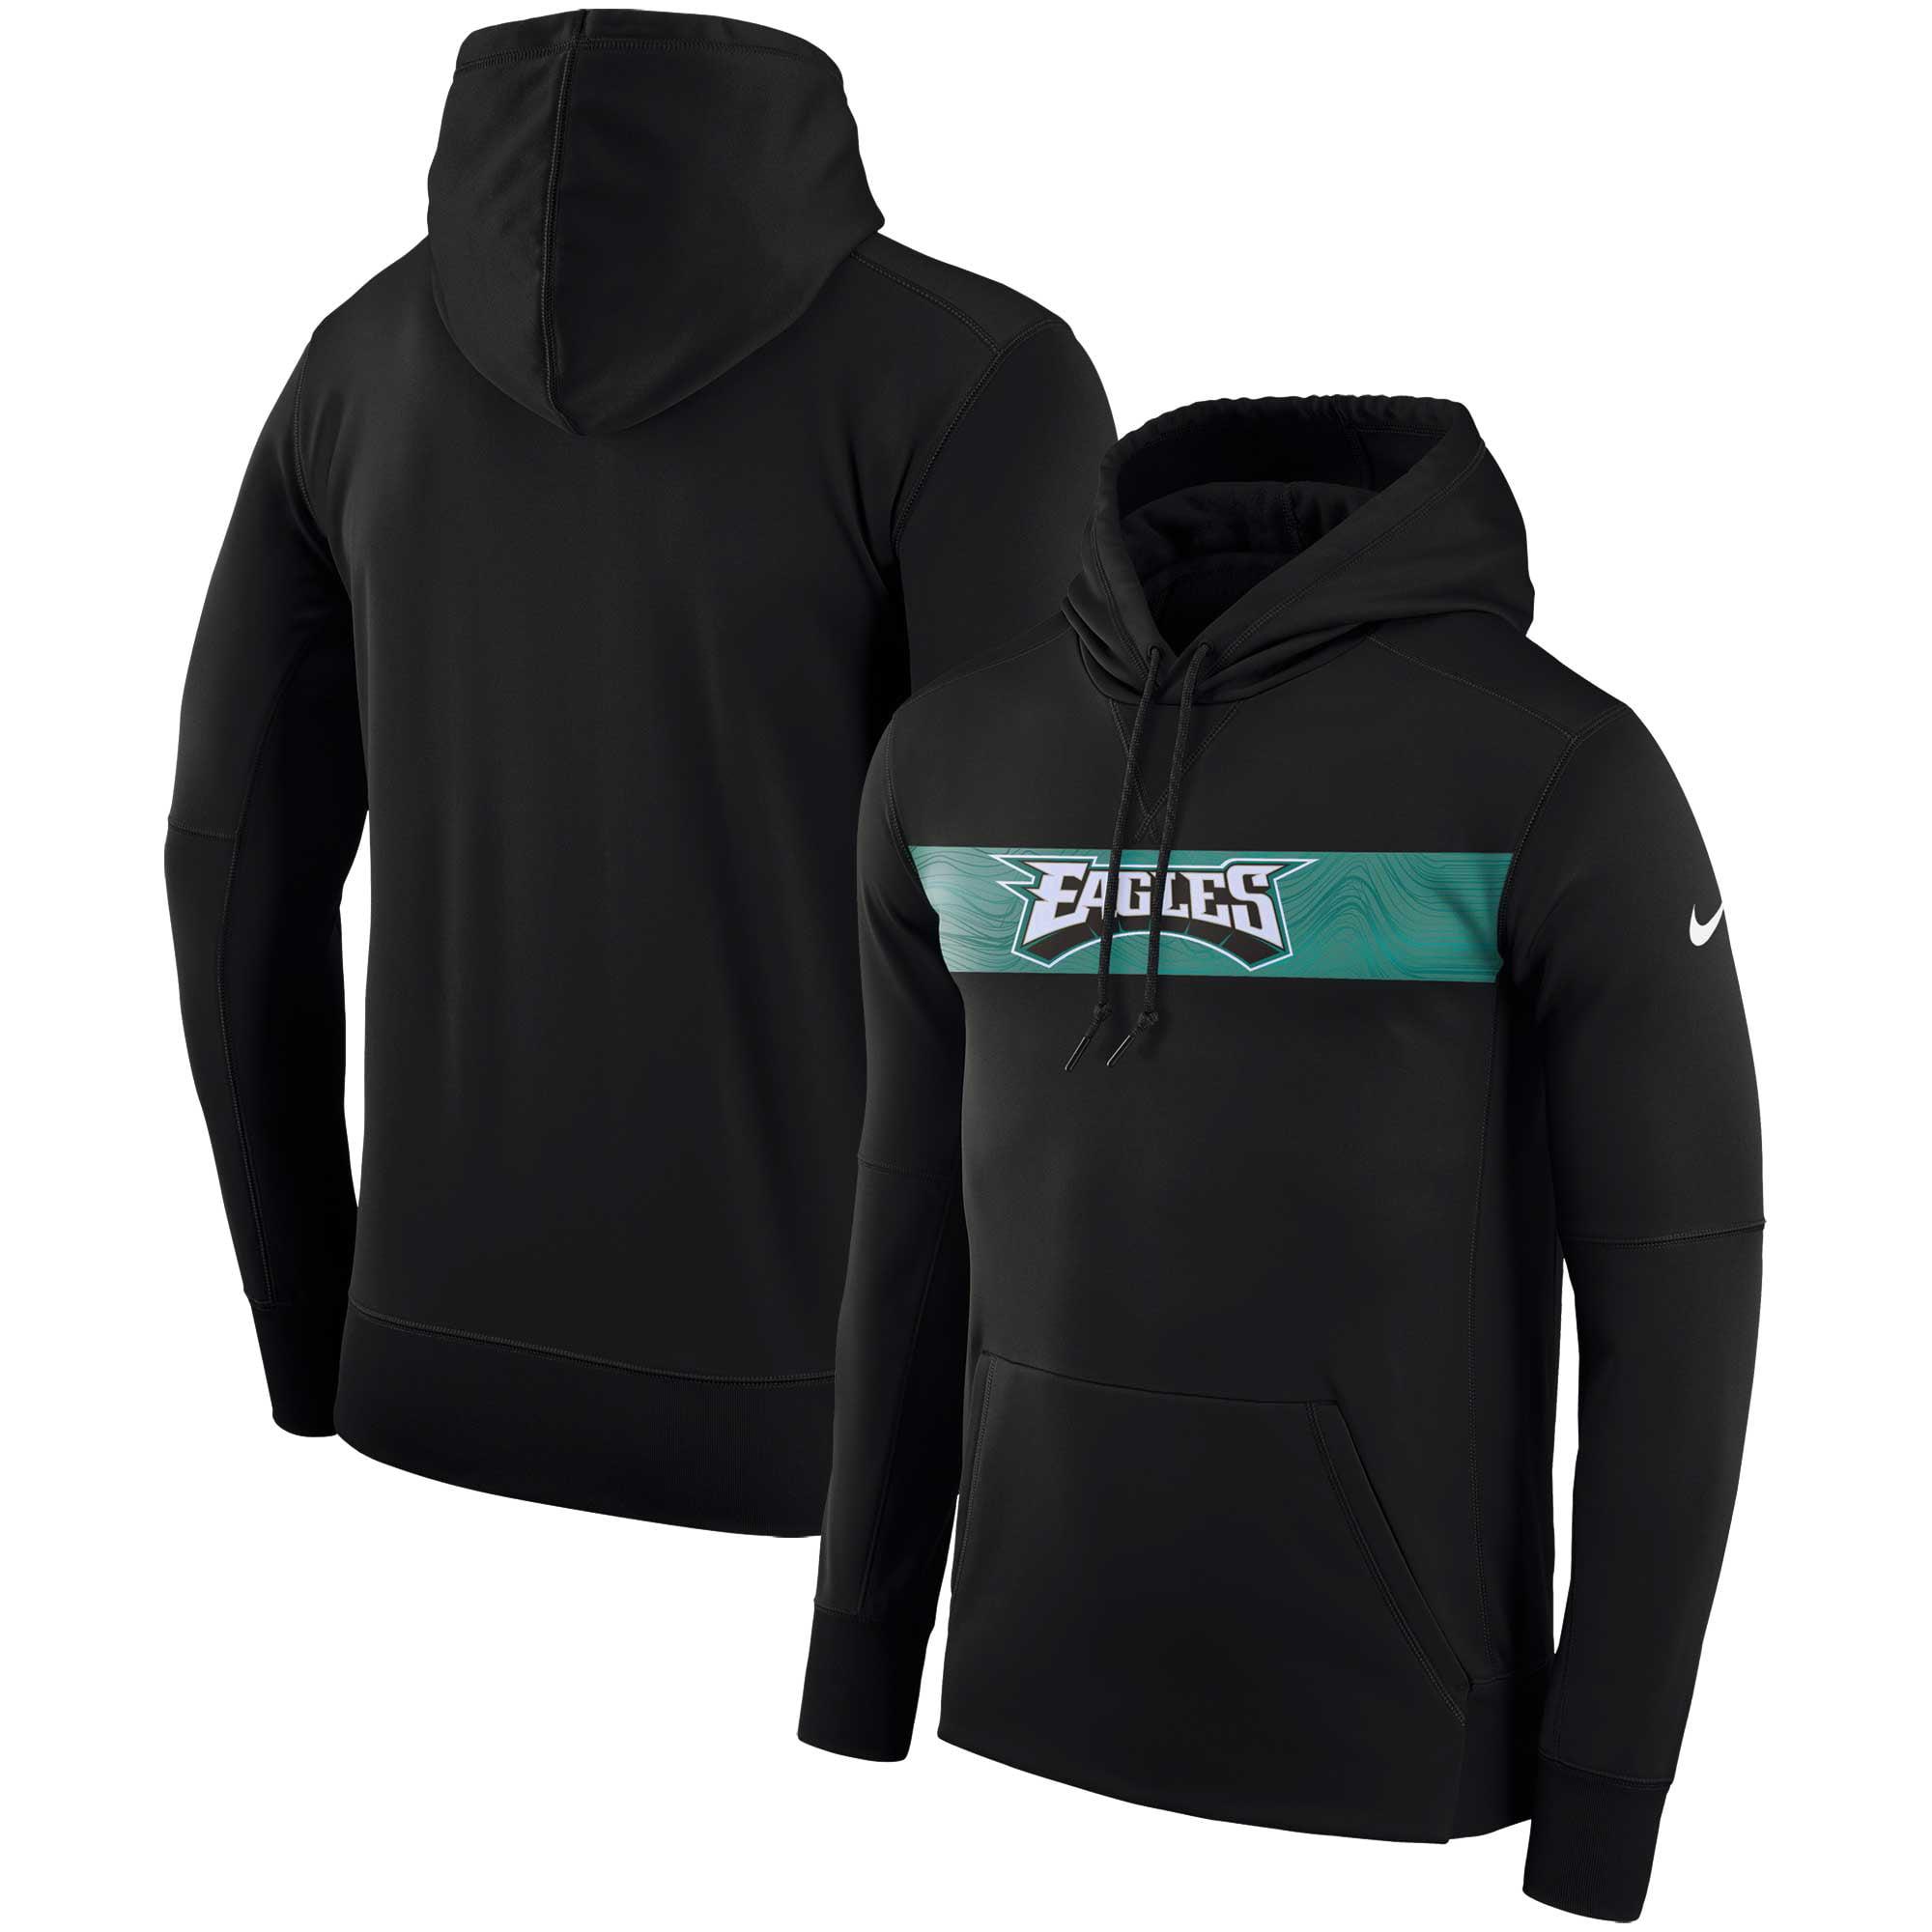 Philadelphia Eagles Nike Sideline Team Performance Pullover Hoodie - Black